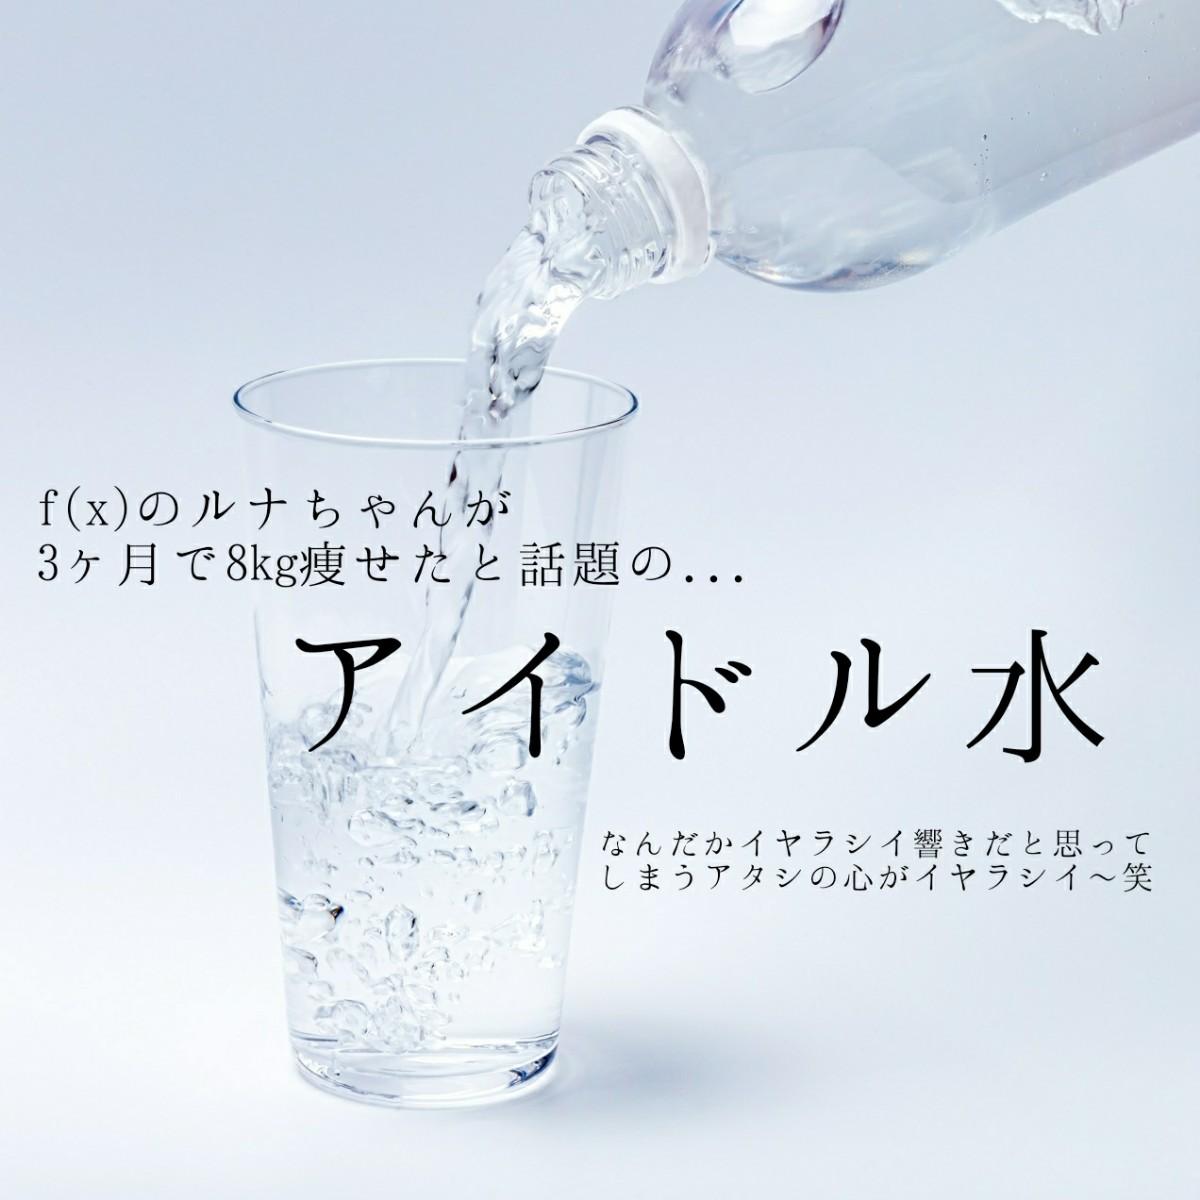 アイドル水 効果 ブログ レポ